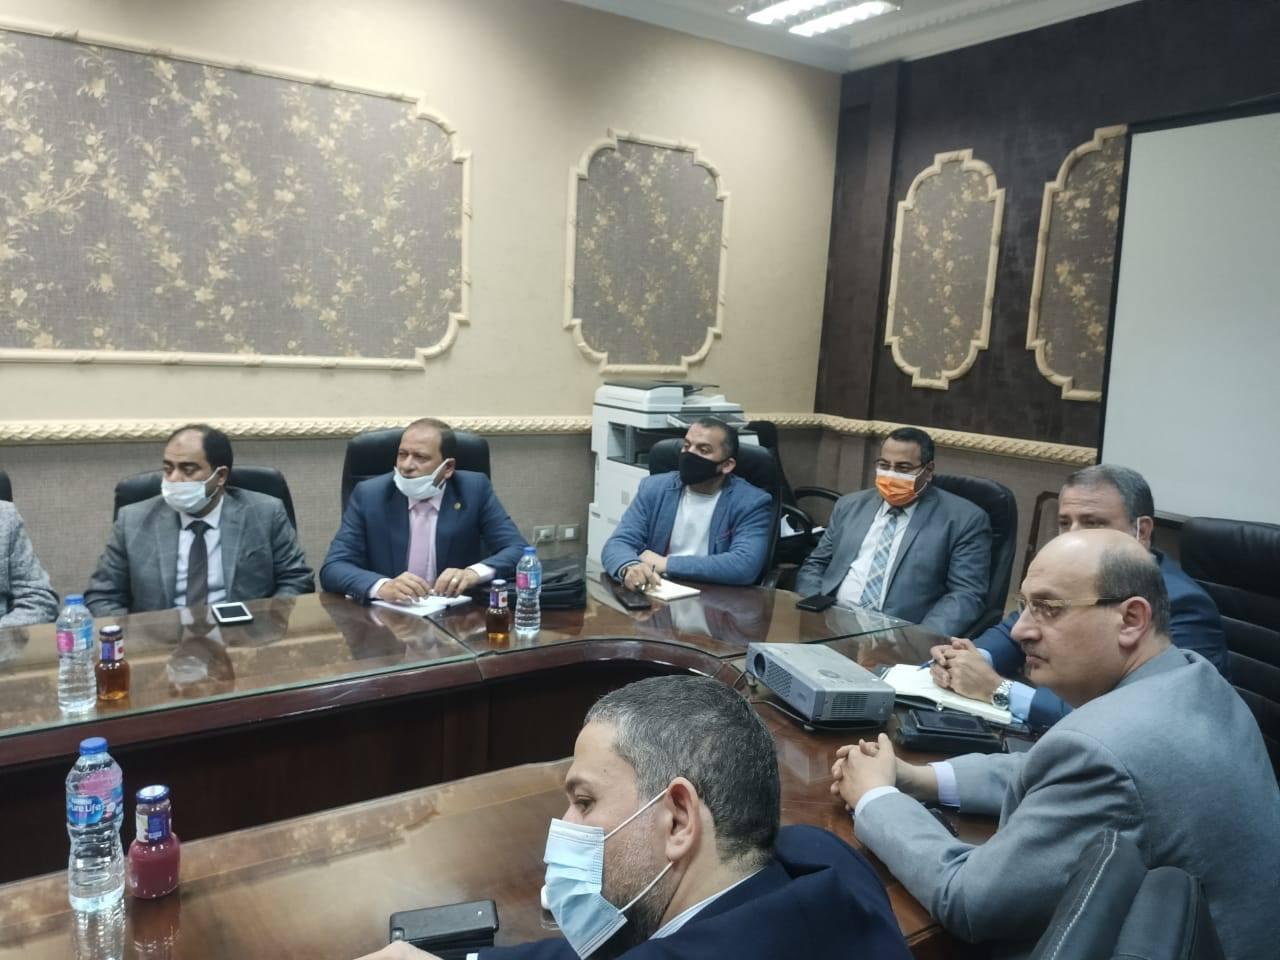 صور | وزير المالية : تعزيز تجارة الترانزيت للبضائع السودانية عبر الموانئ المصرية